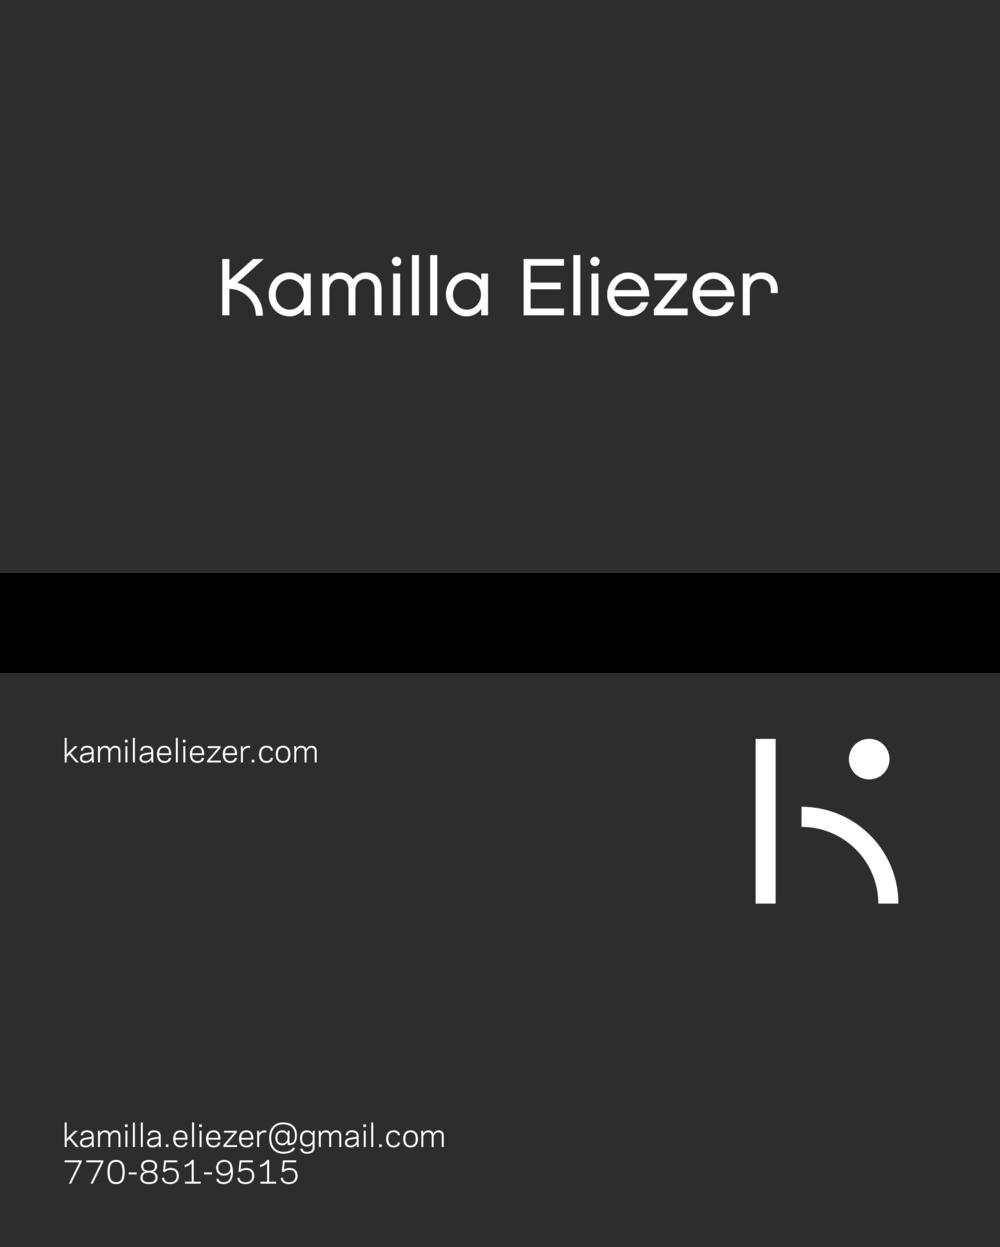 KE-identity-business-cardArtboard 53 copy.png